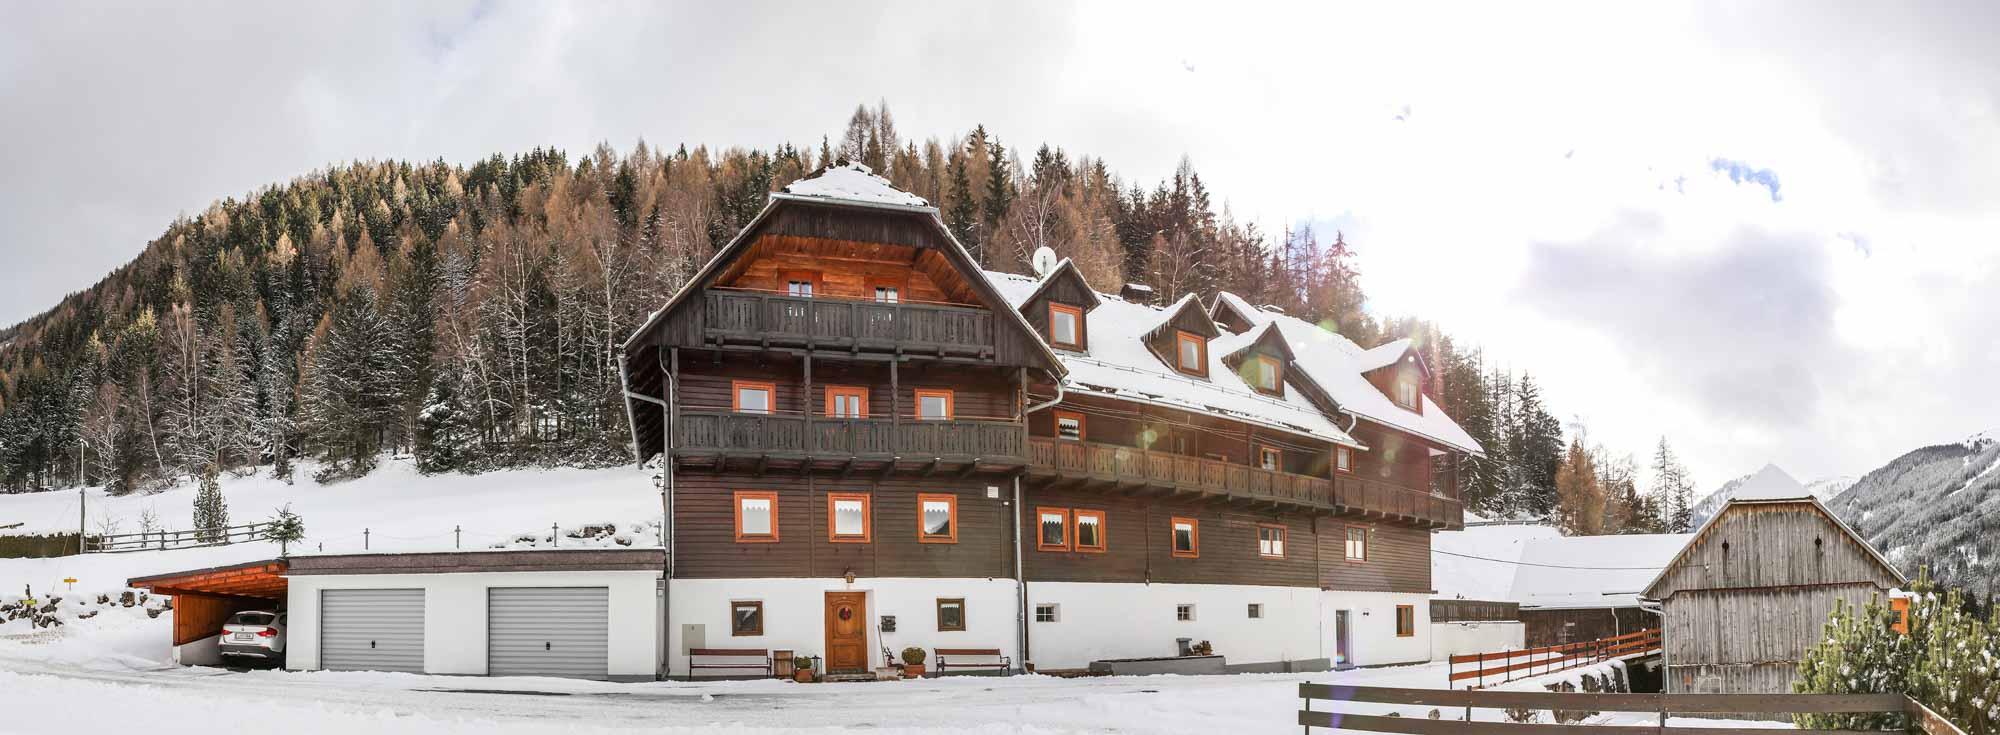 bg-ertlschweigerhaus